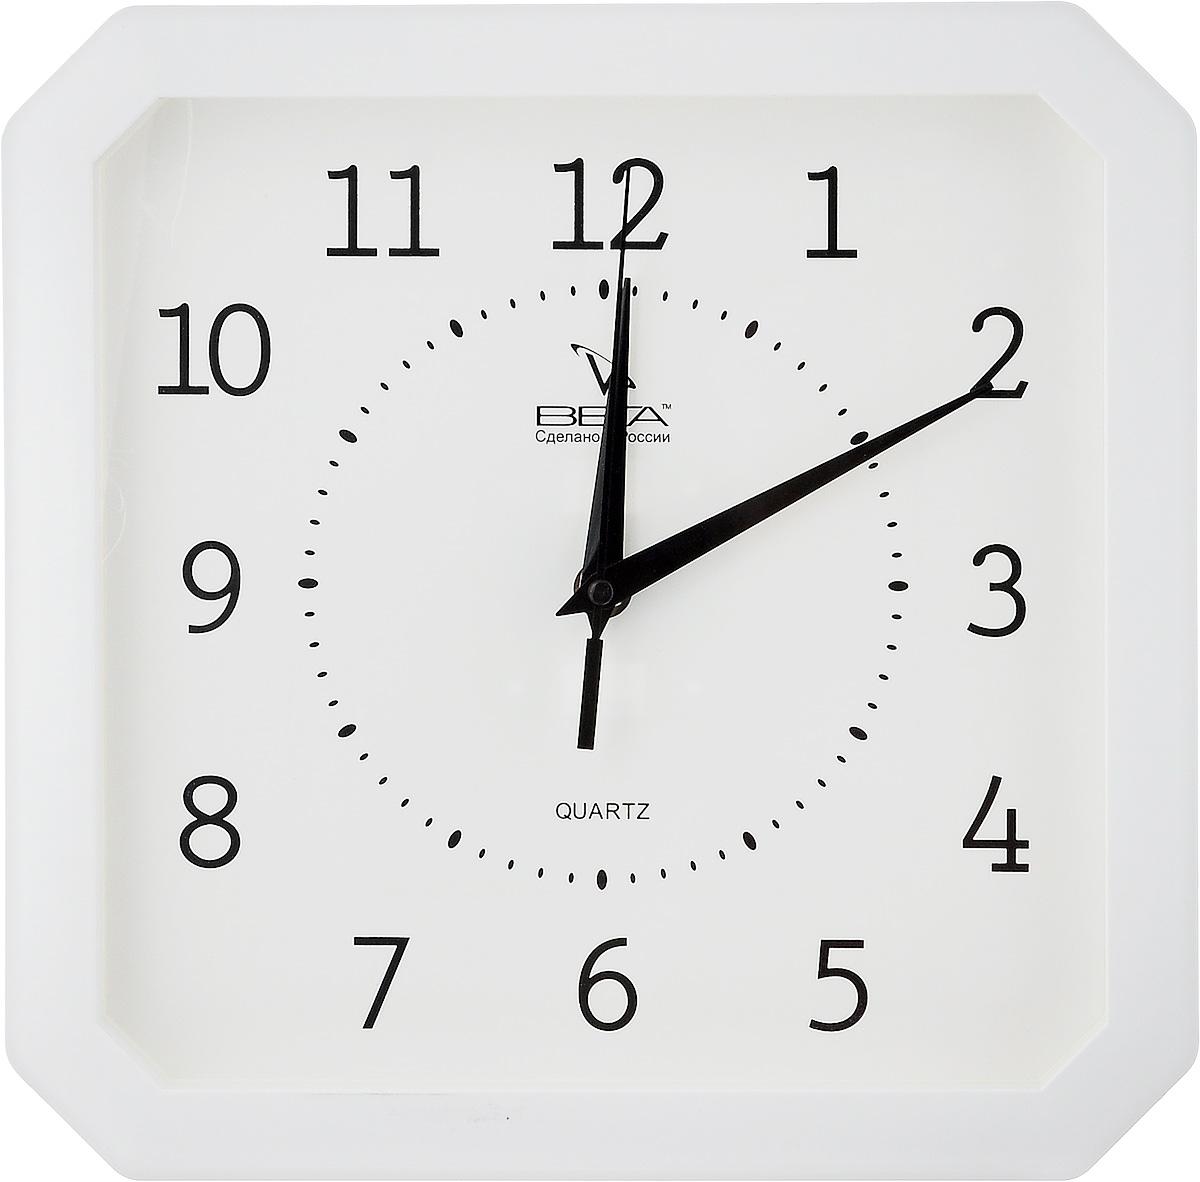 Часы настенные Вега Классика, цвет: белый, 27,5 х 27,5 смП4-7/7-19Настенные кварцевые часы Вега Классика, изготовленные из пластика, прекрасно впишутся в интерьер вашего дома. Часы имеют три стрелки: часовую, минутную и секундную, циферблат защищен прозрачным стеклом. Часы работают от 1 батарейки типа АА напряжением 1,5 В (не входит в комплект).